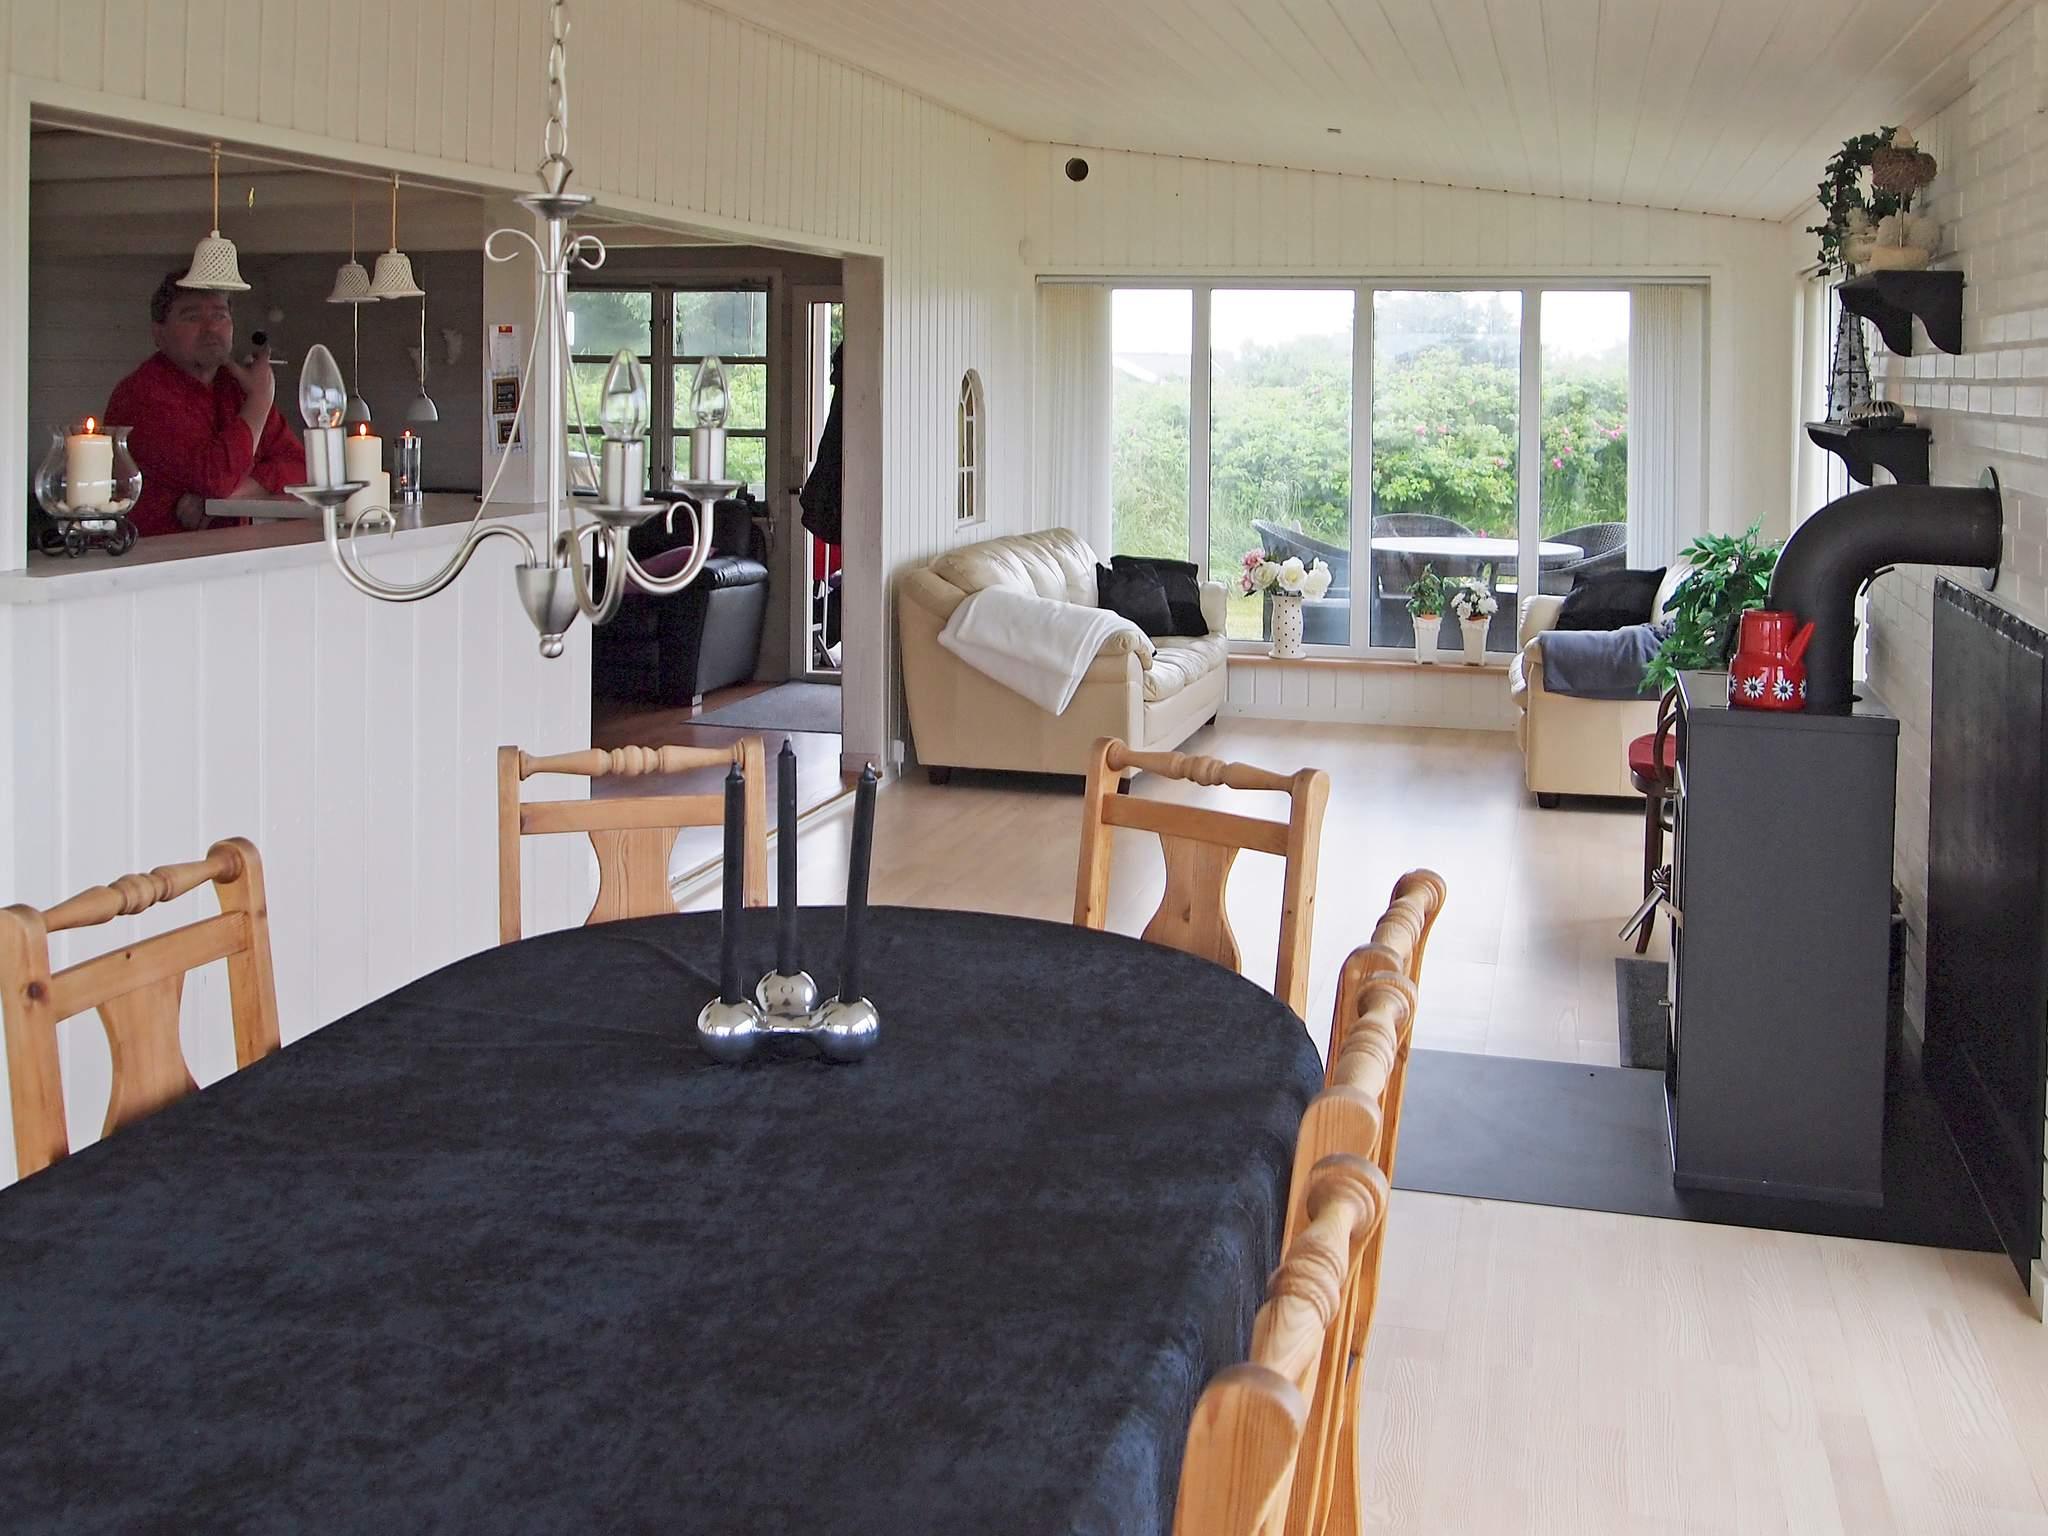 Ferienhaus Løkken (83321), Løkken, , Nordwestjütland, Dänemark, Bild 4